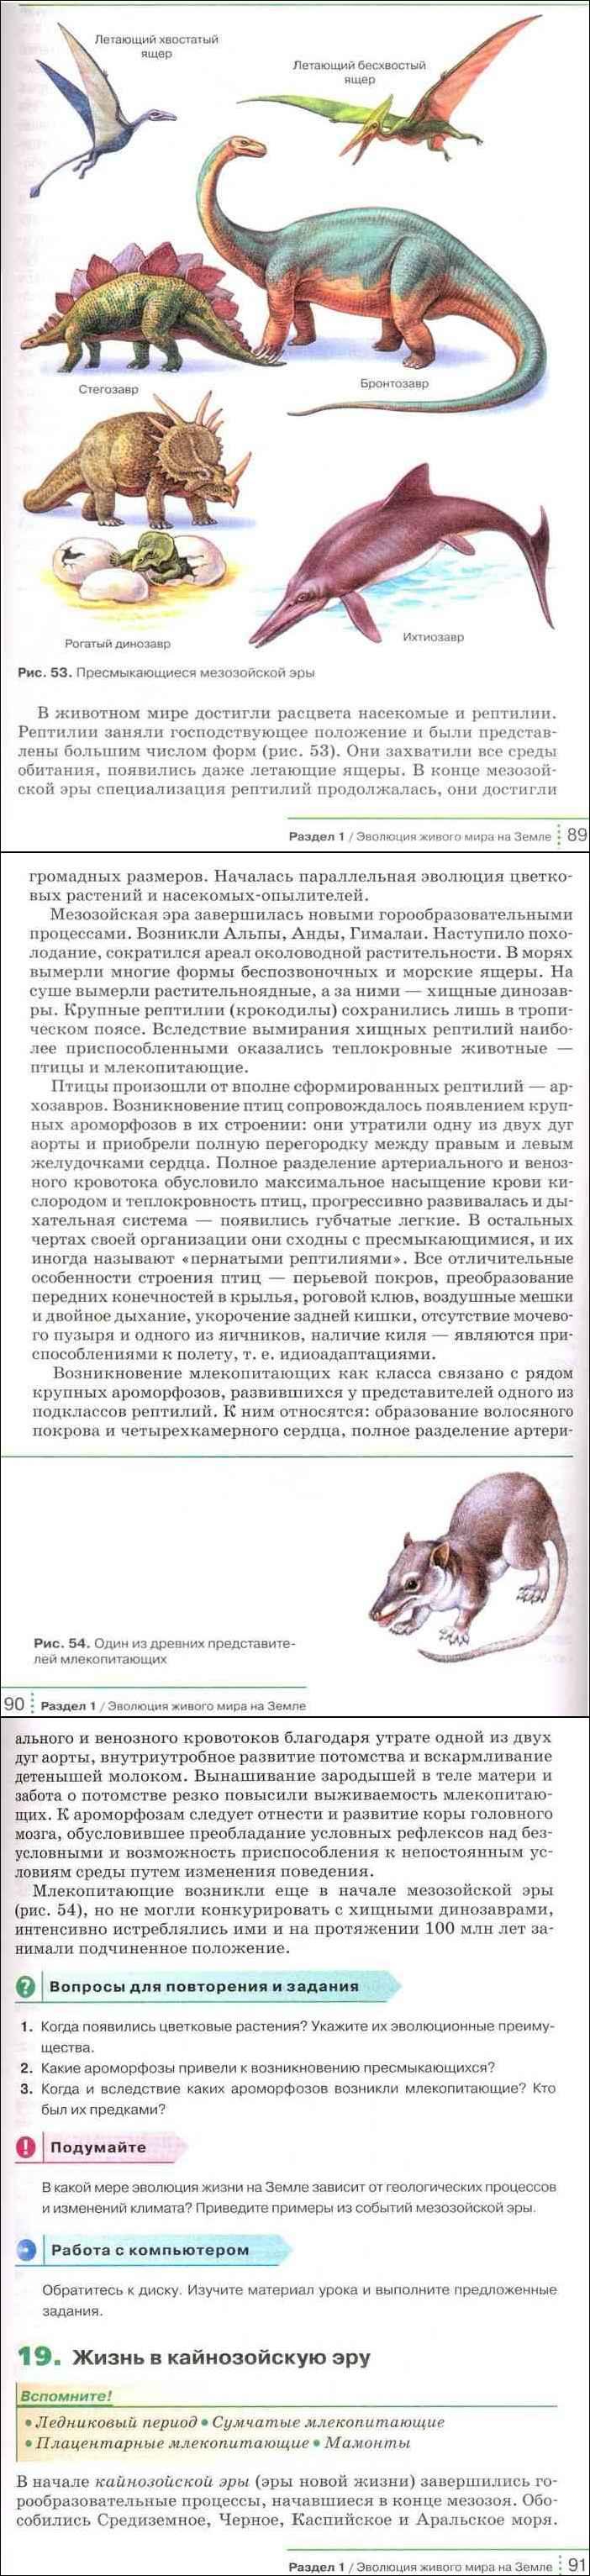 Клиент взял в банке кредит 150000 рублей на год погашая кредит он вносит в банк